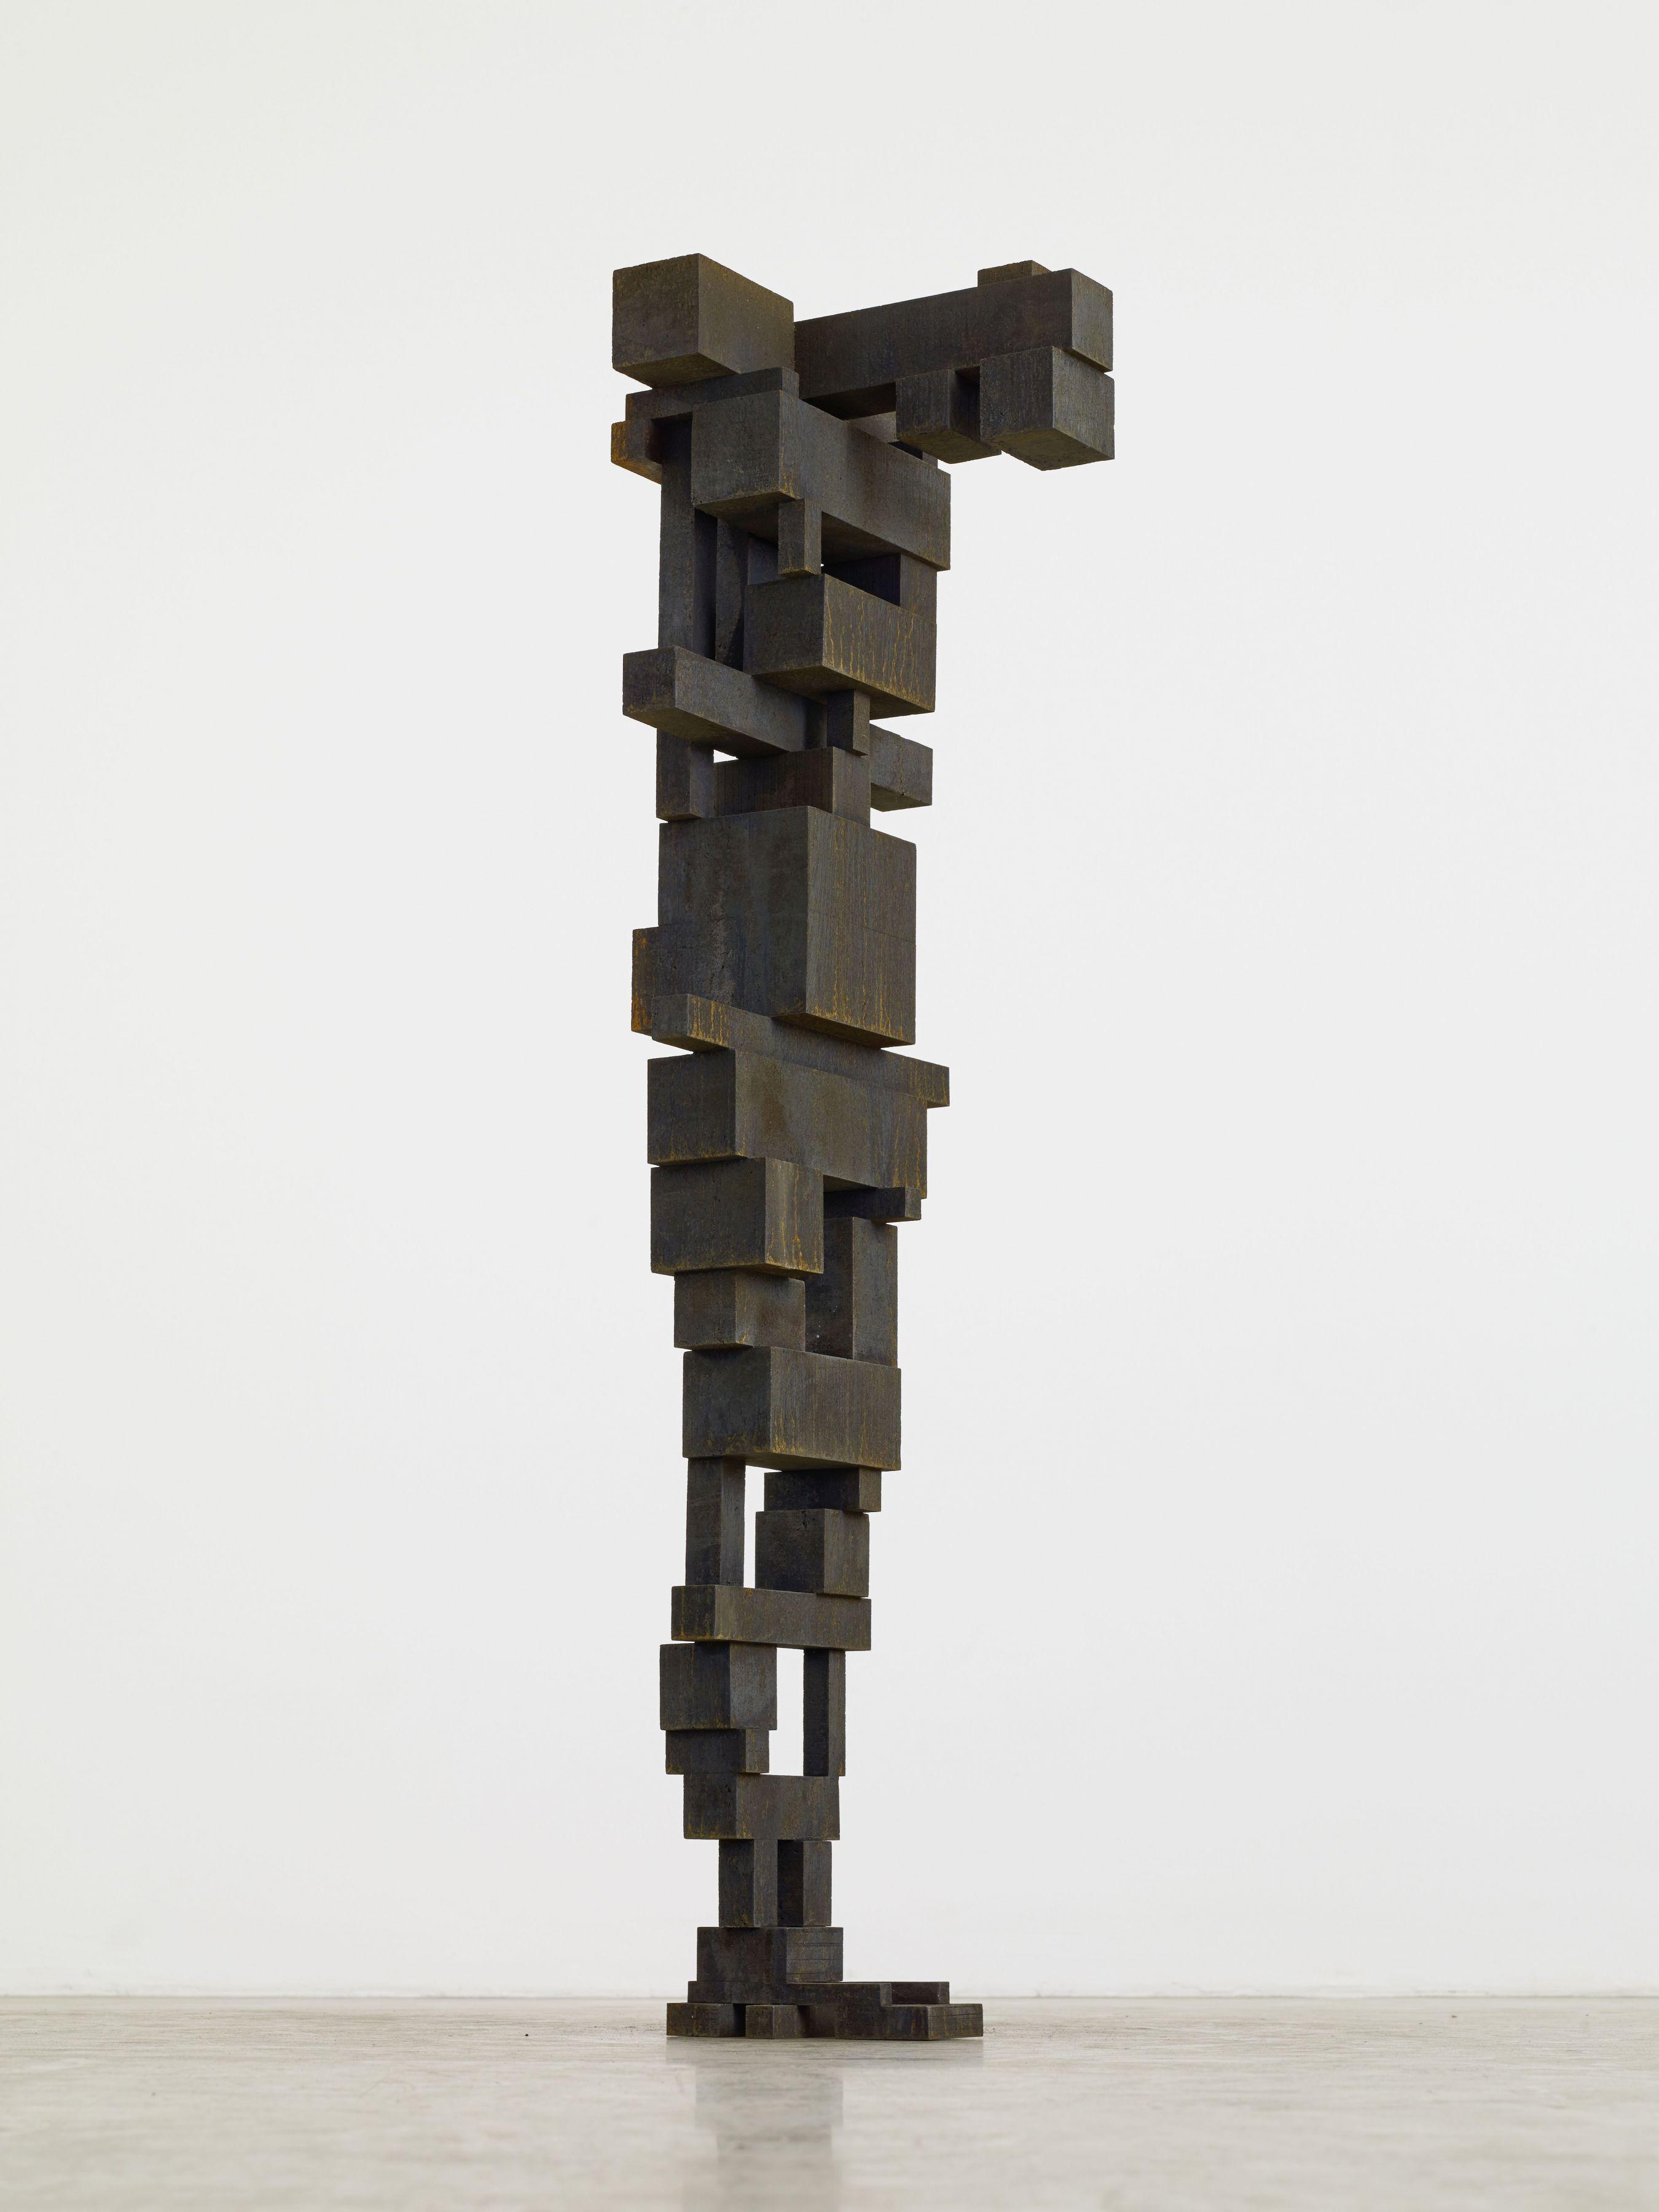 Antony Gormley, Submit IV, 2011